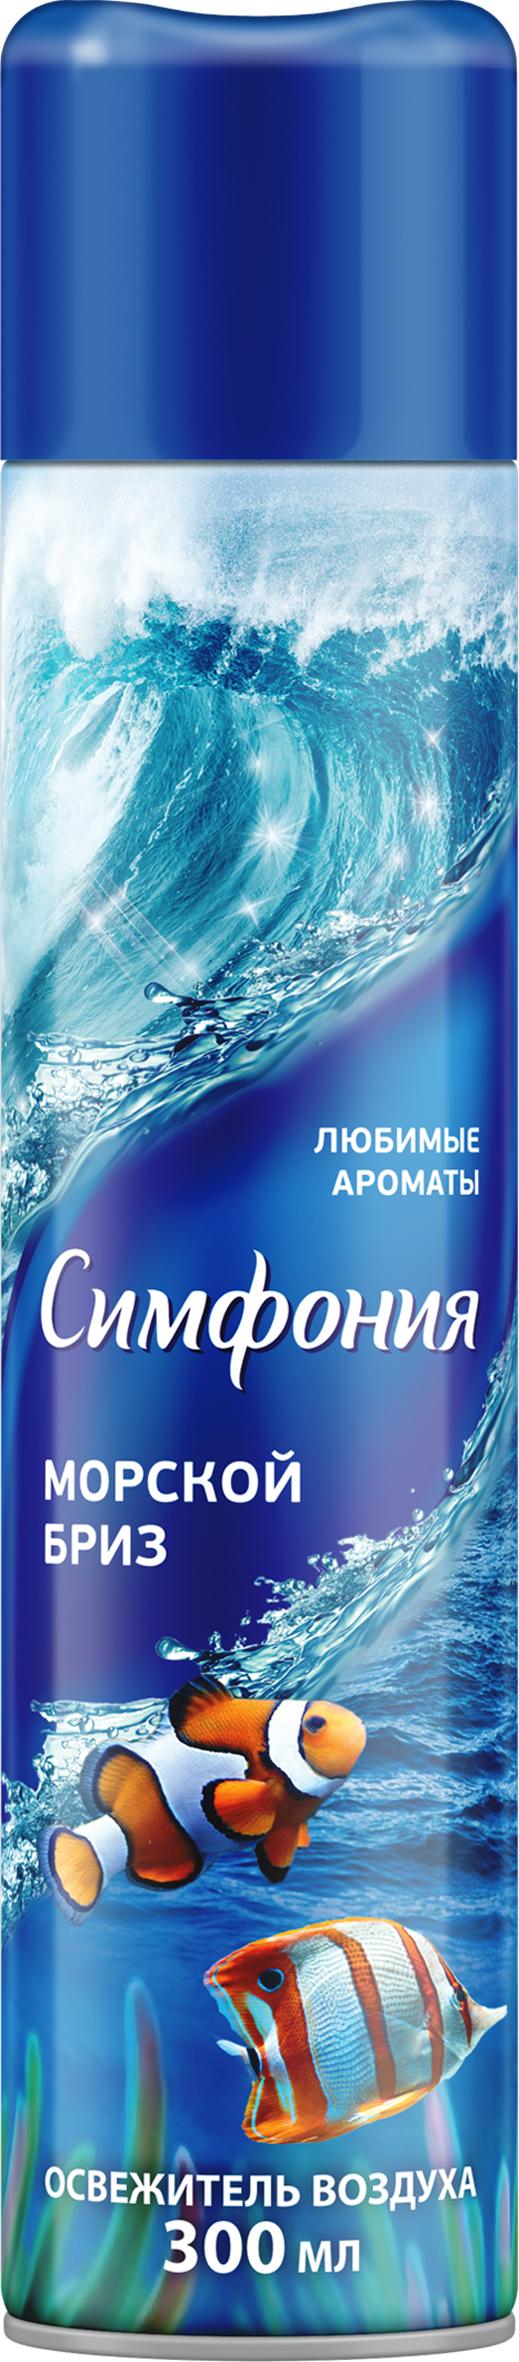 Симфония_Морской_Бриз_300